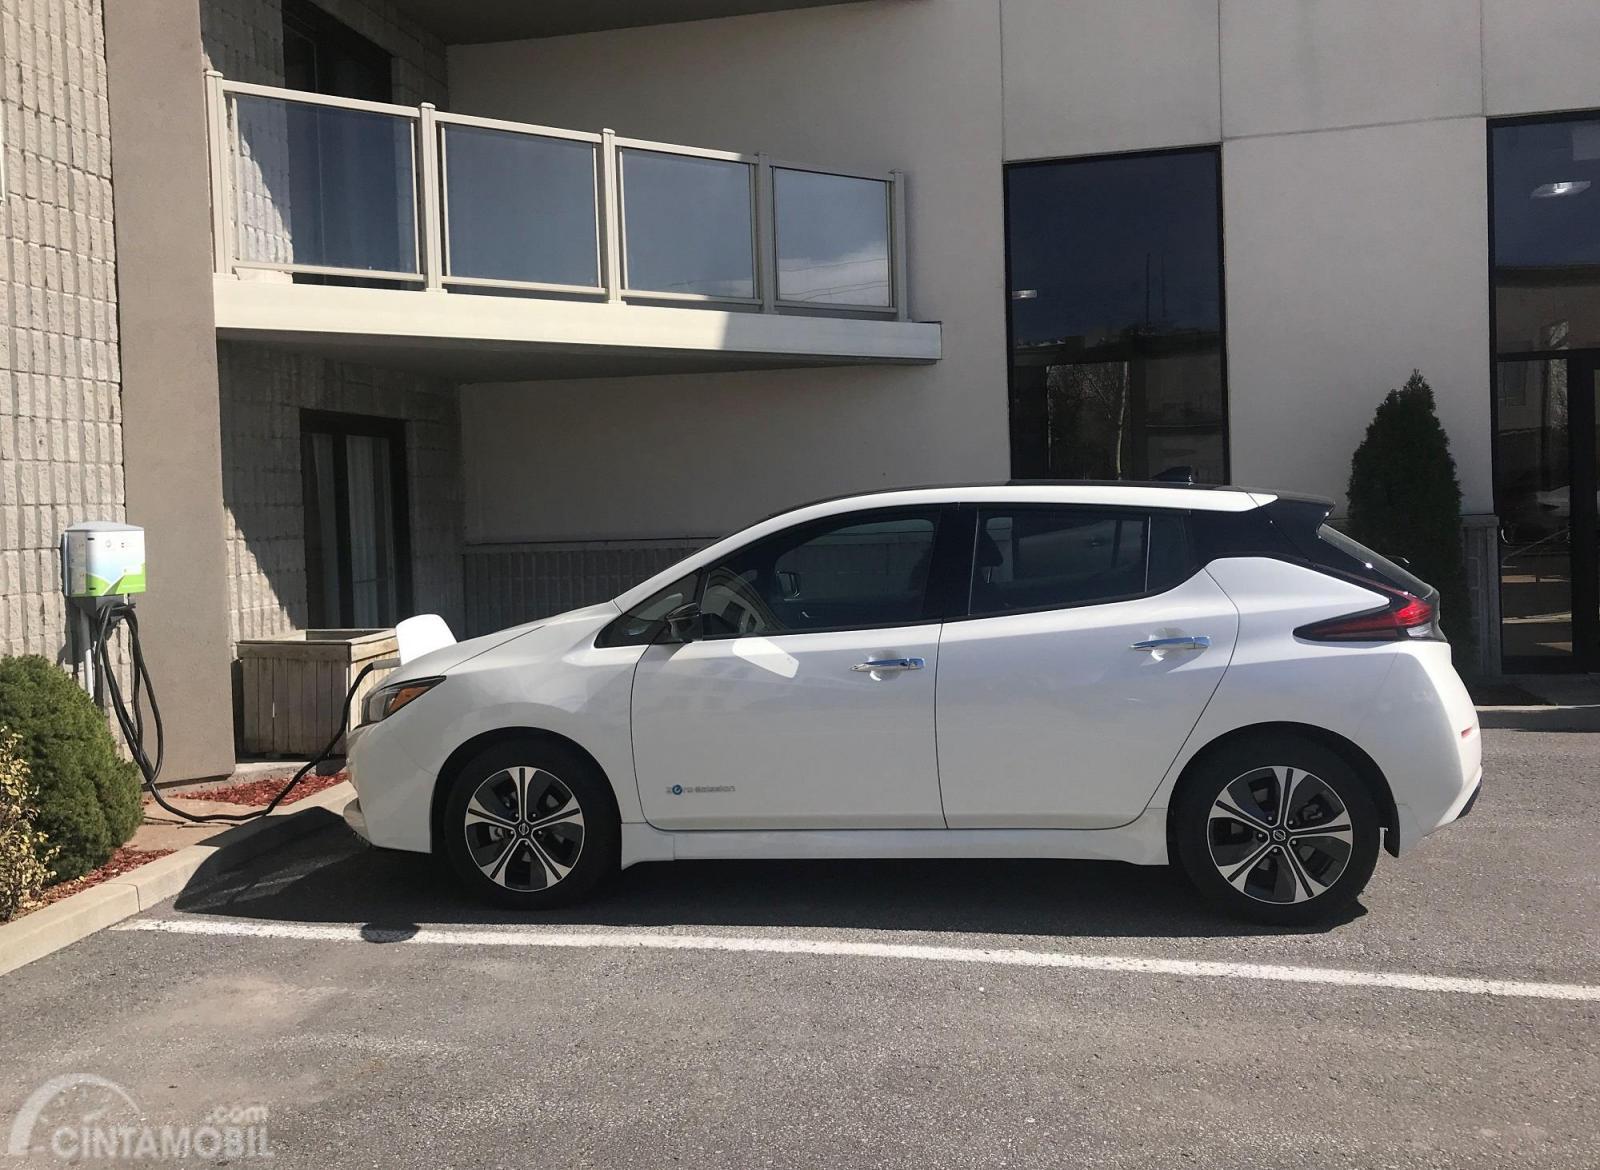 Daya Listrik Di Rumah Kurang Dari 4.000 Watt, Pikir Dua Kali Buat Beli Mobil Listrik